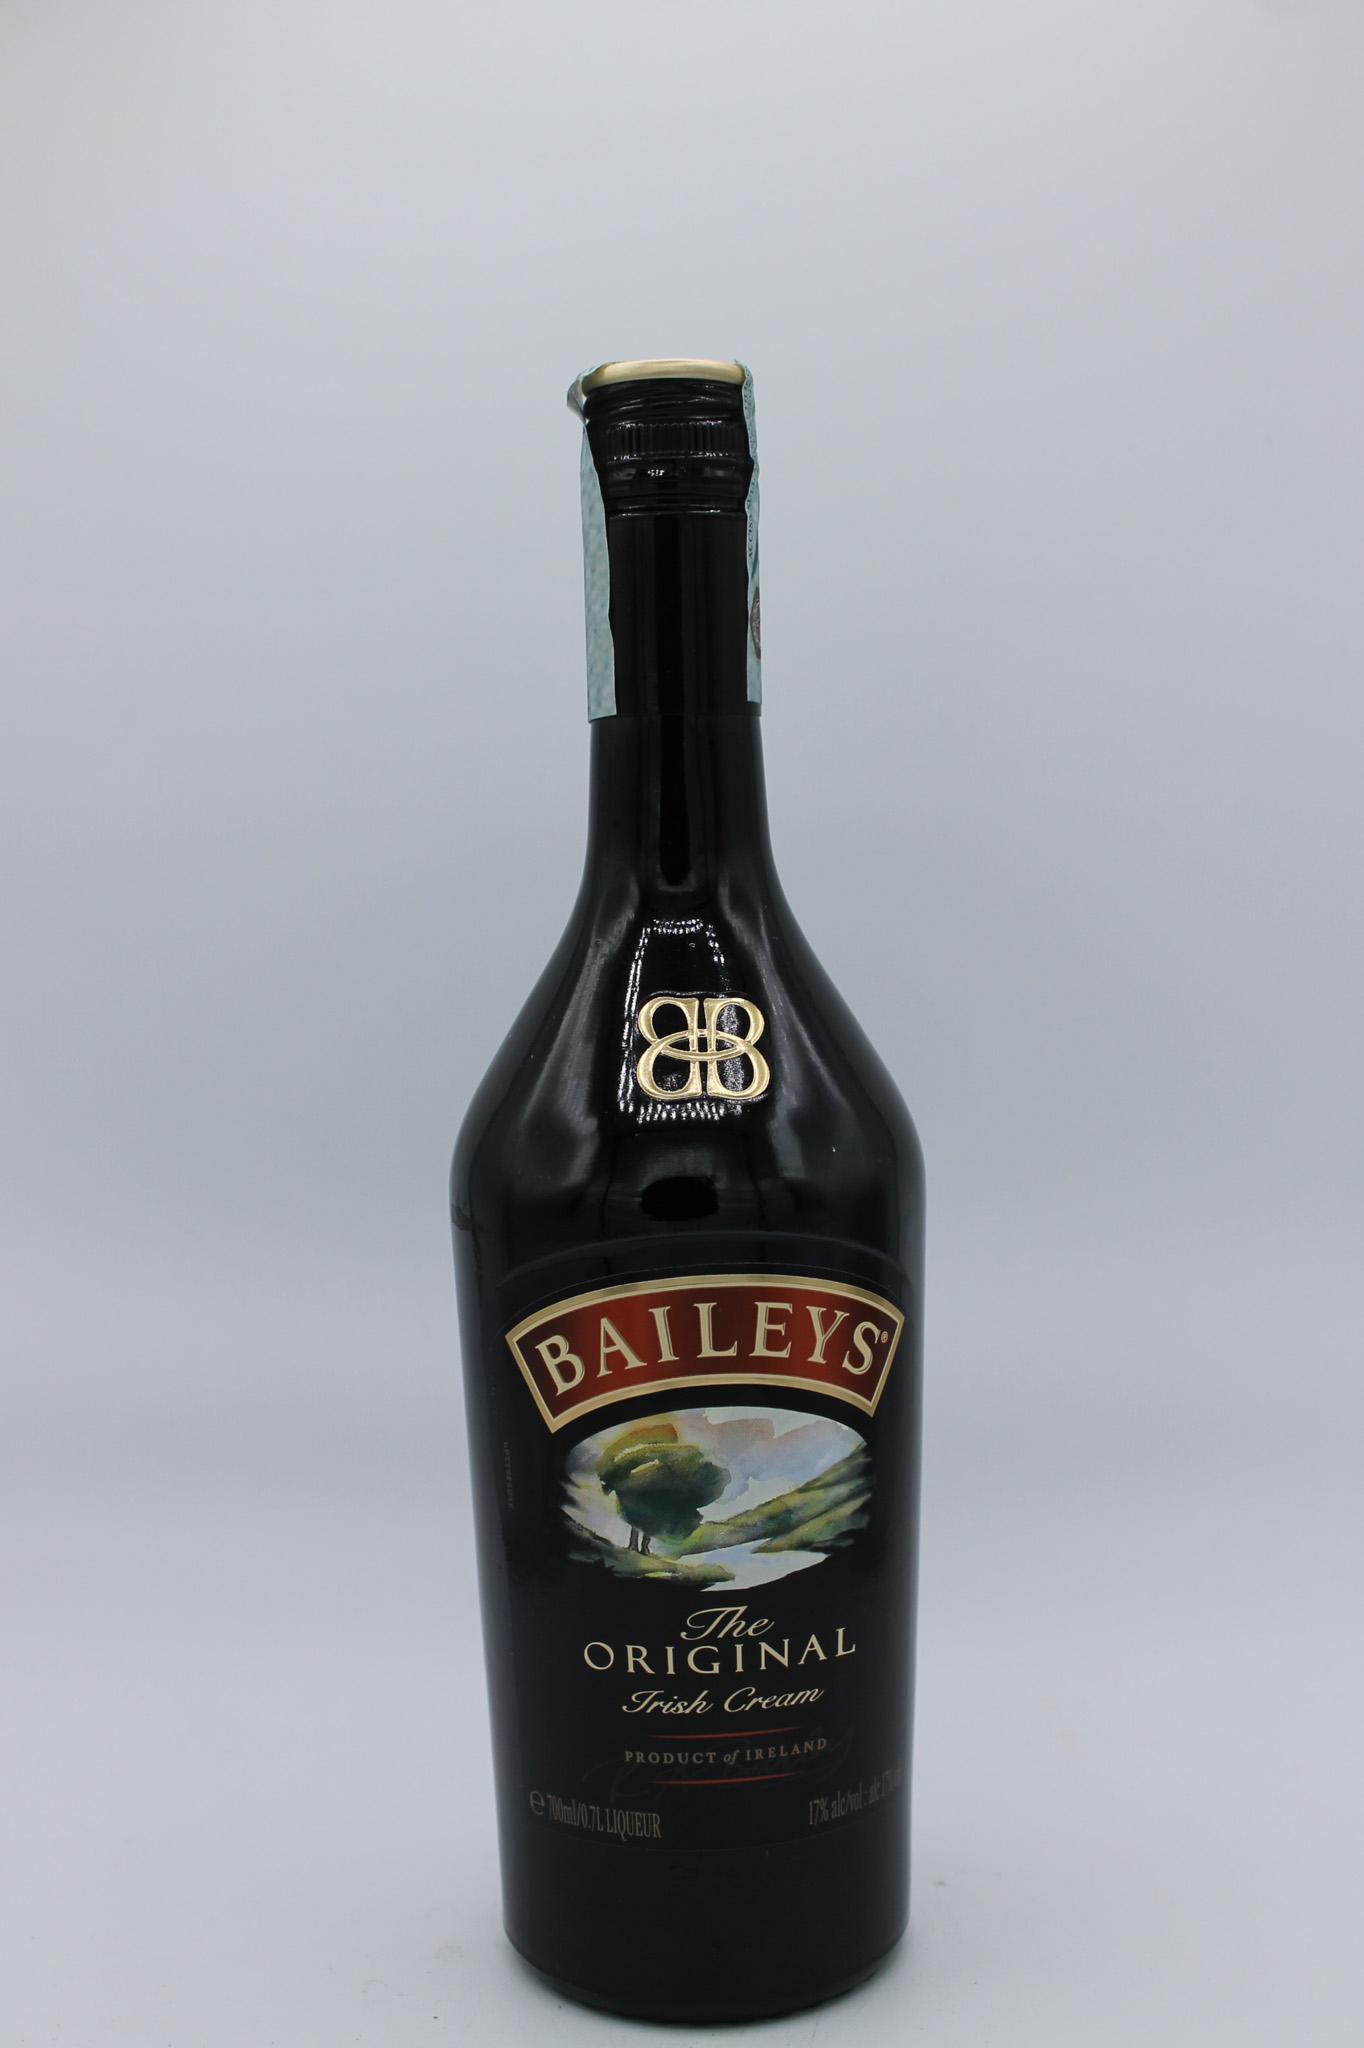 Baileys liquore irish cream 700ml.